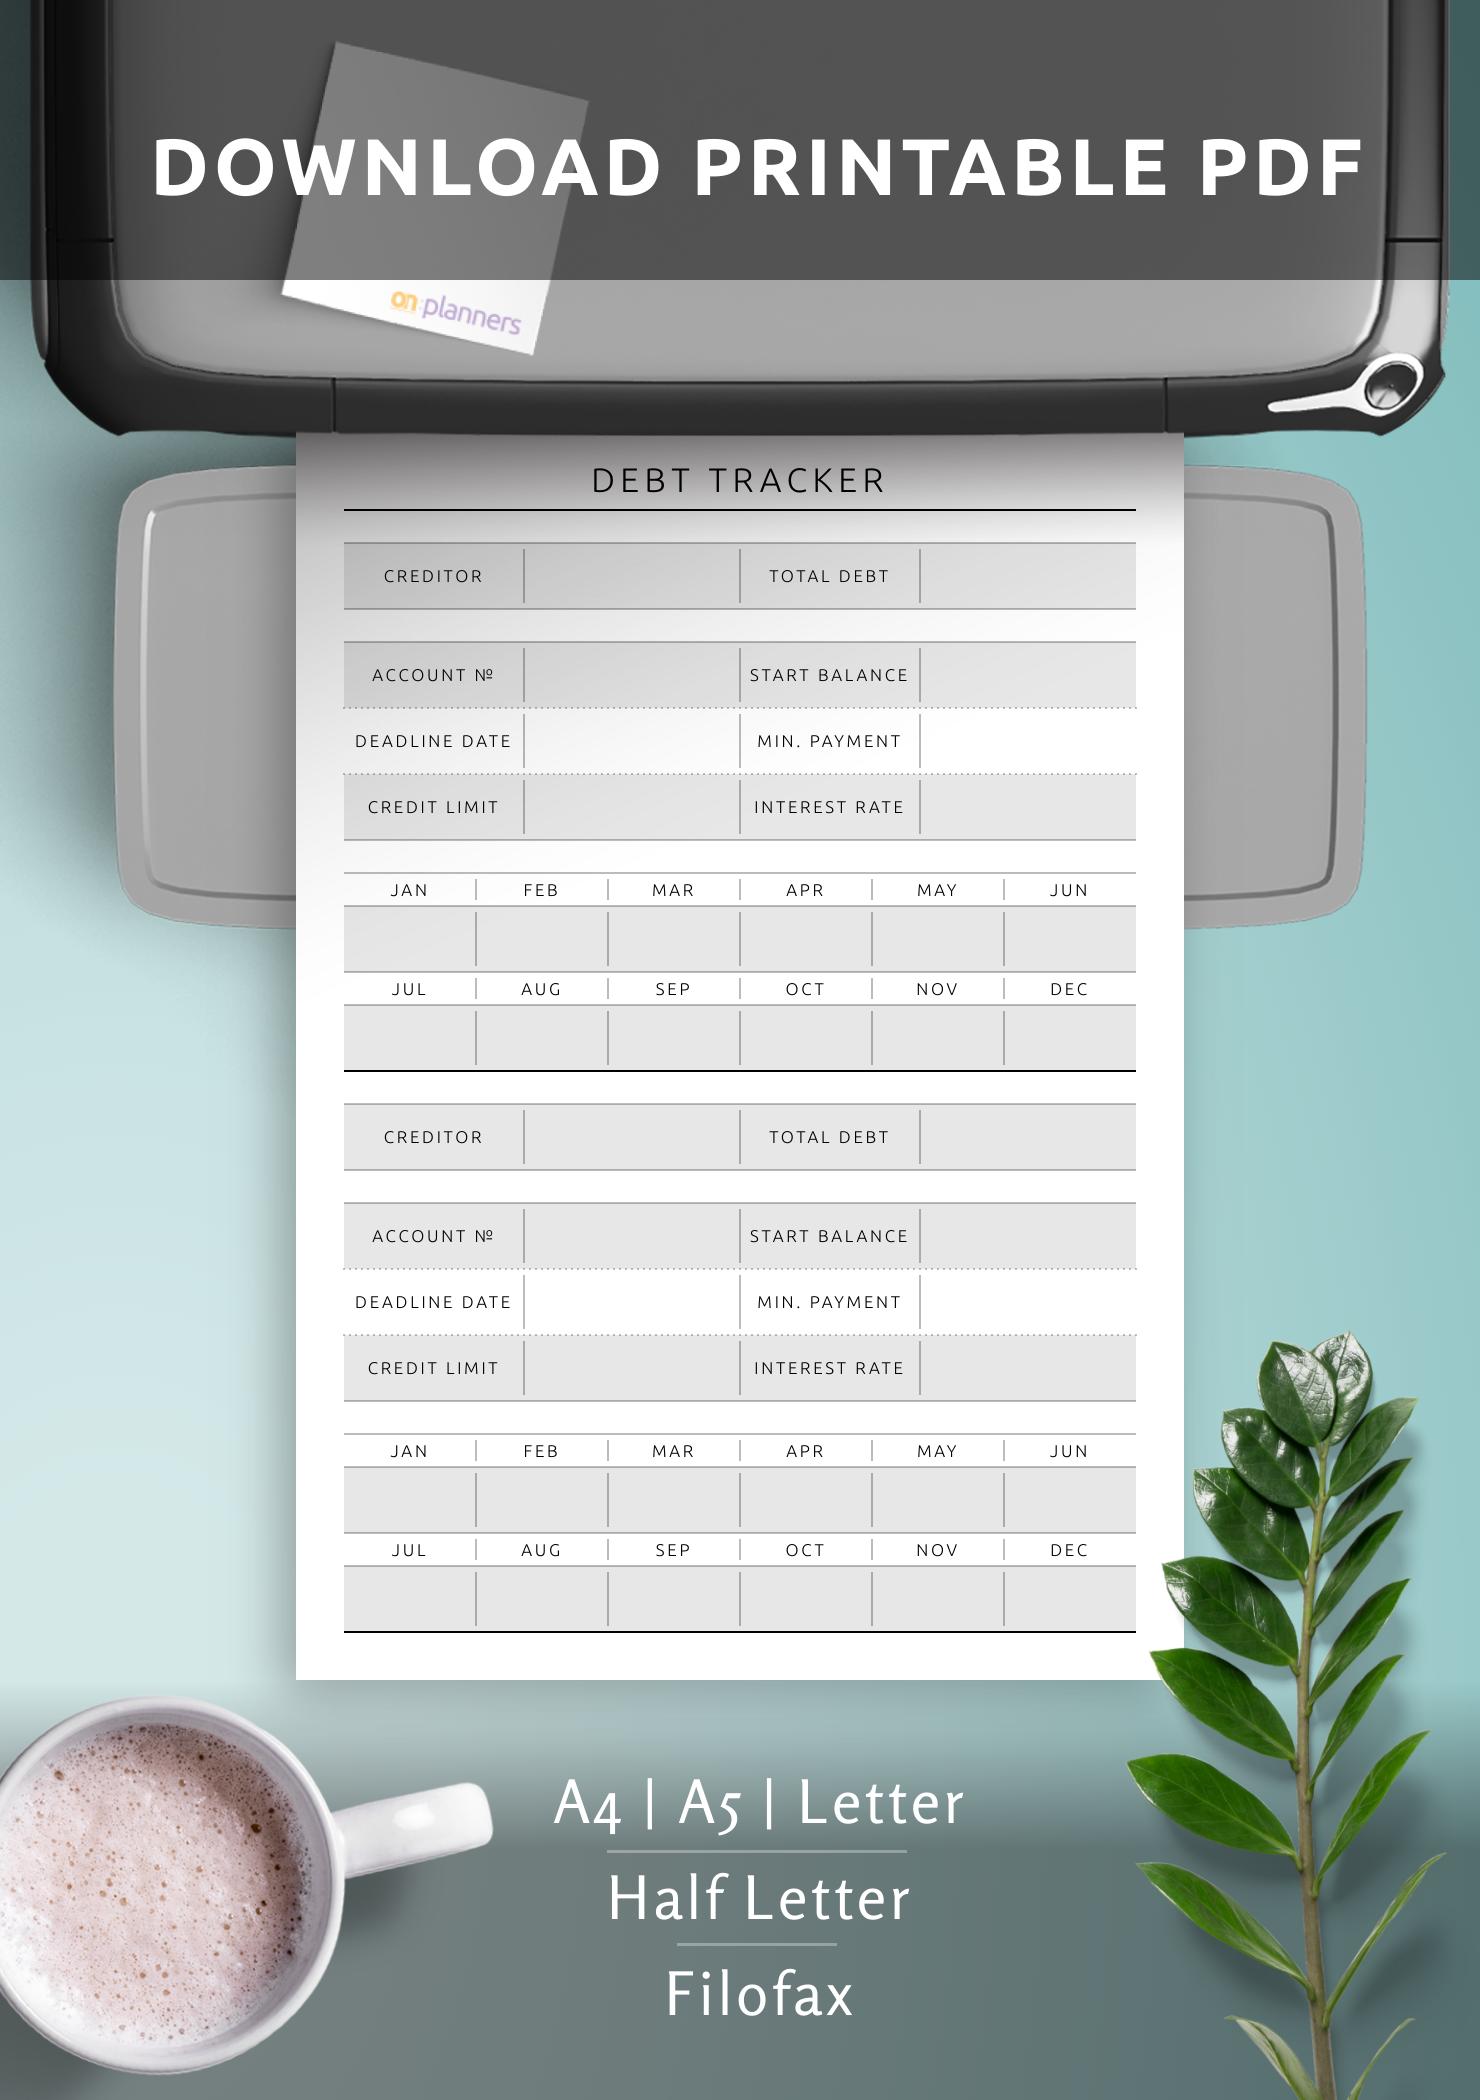 Debt 101 PDF Free Download